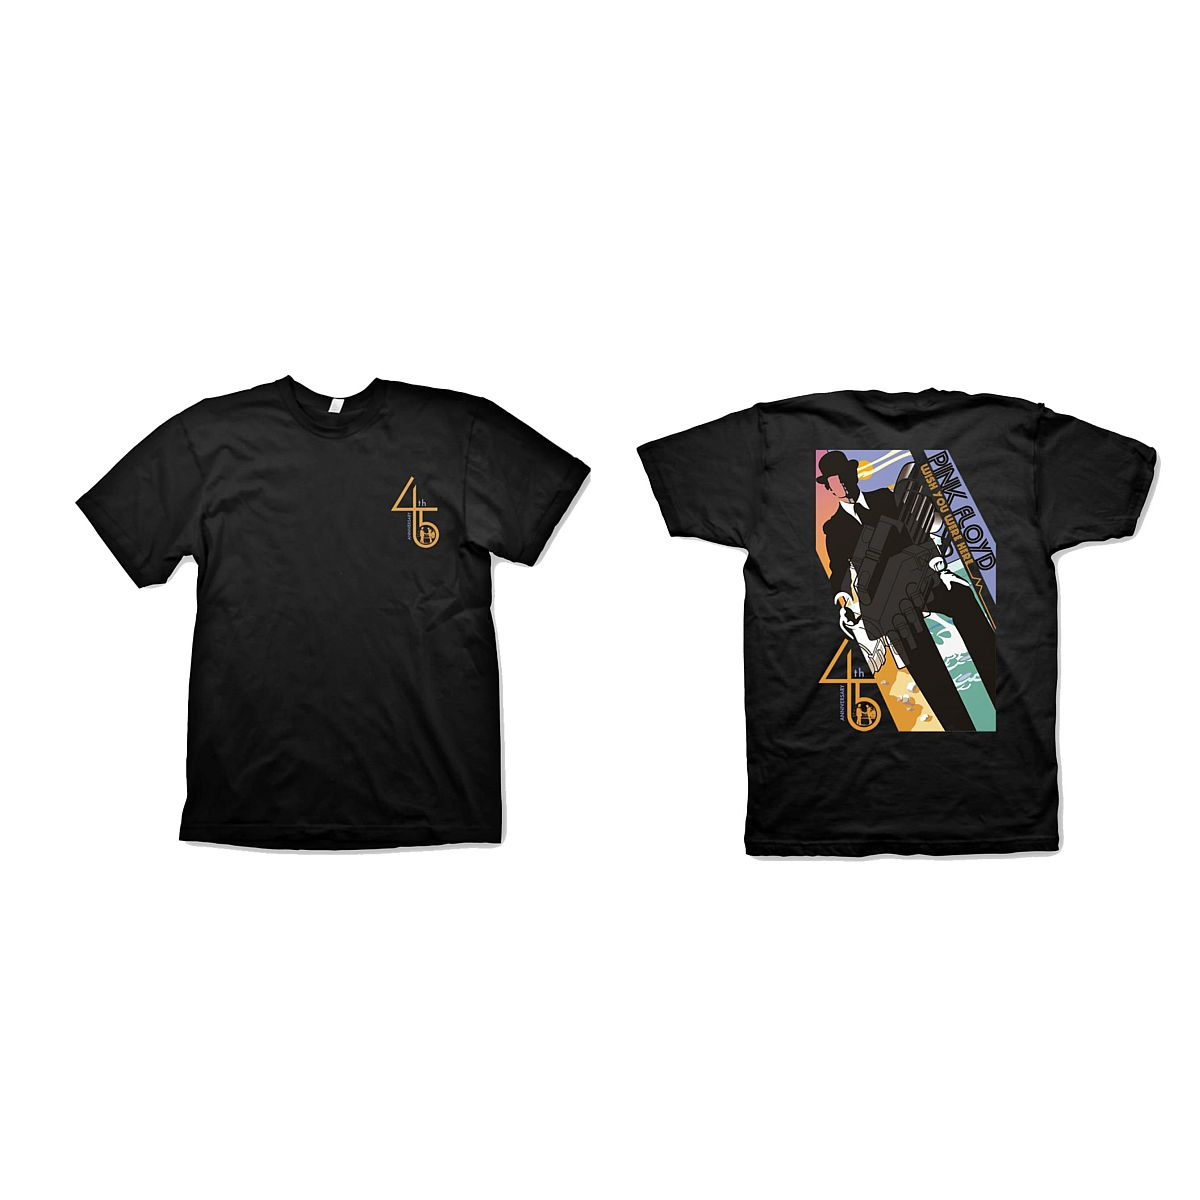 Wish You Were Here 45th Anniversary T-Shirt